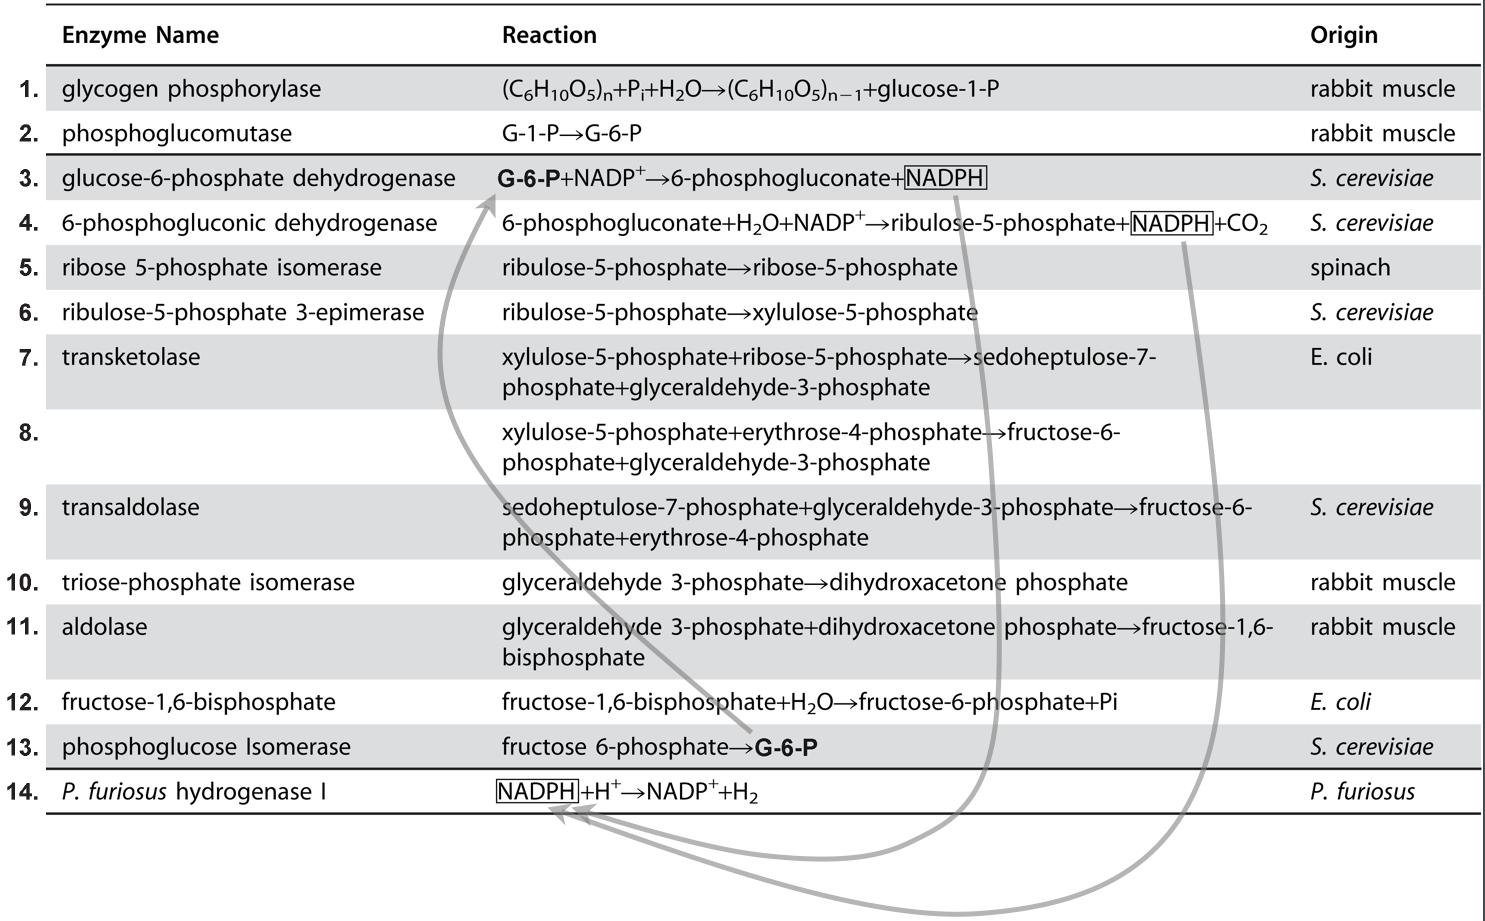 Enzymes6.jpg